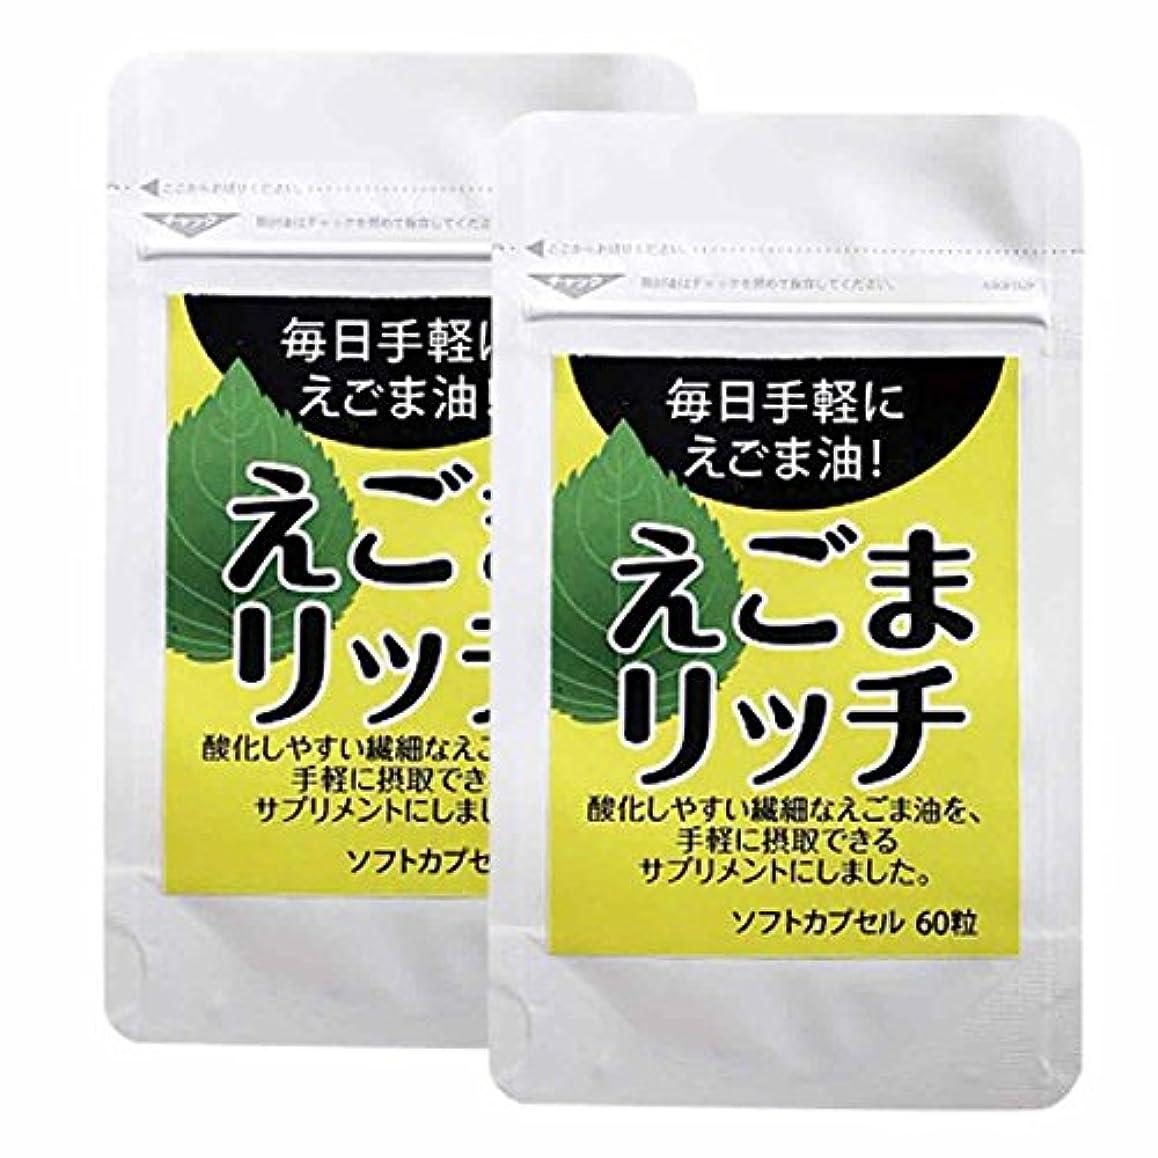 ラッカスサイズ差えごまリッチ 60粒【2袋セット】